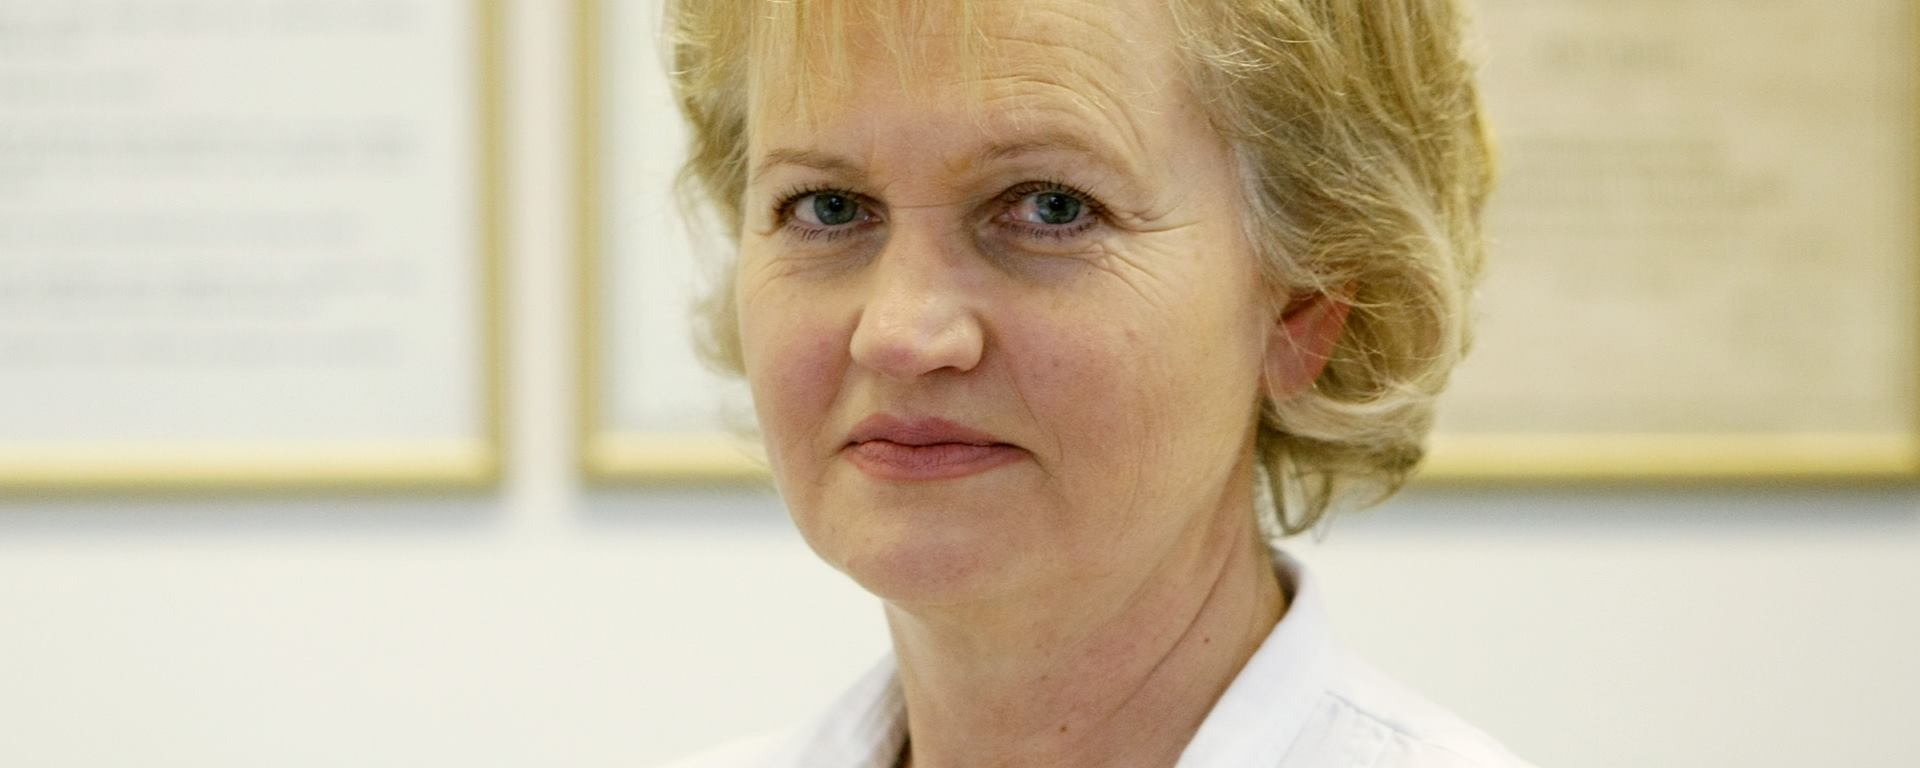 Liječnicima prijete milijunske kazne ako ne prijave bolesti vozača